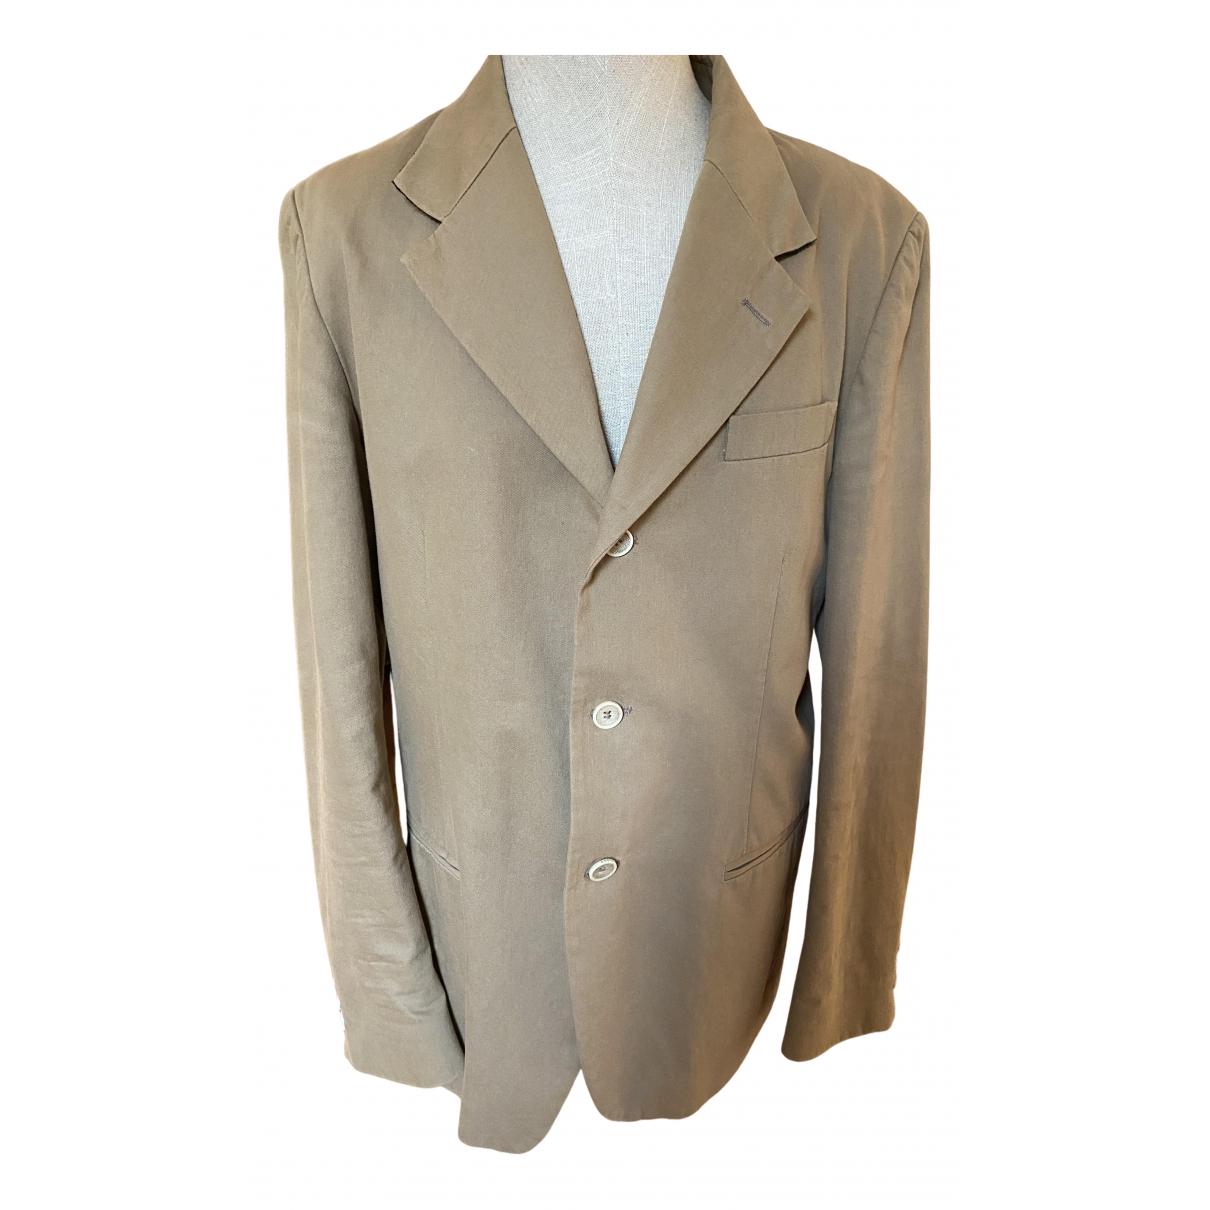 Roberto Cavalli - Costumes   pour homme en autre - beige